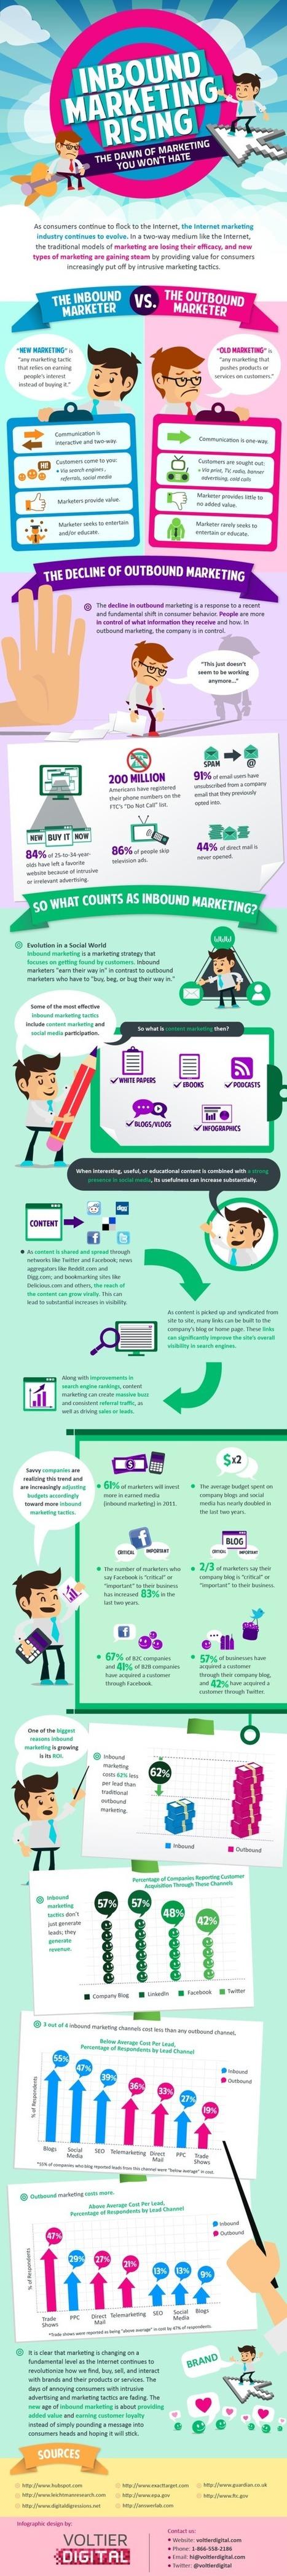 Une infographie ludique qui met en avant les avantages de l'InBound Marketing | inBound Marketing Center | Scoop.it